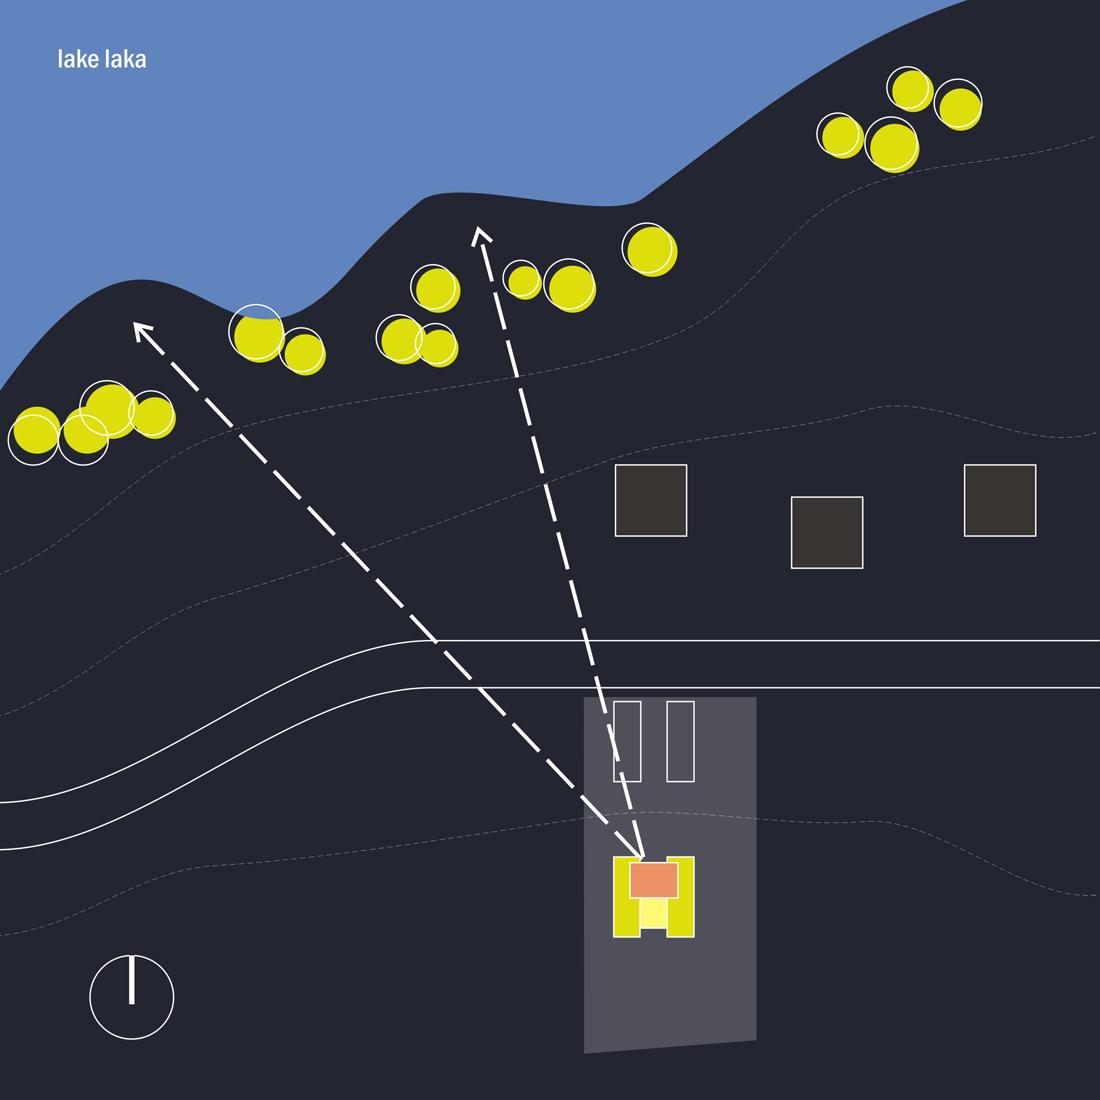 co2-saver-site-plan site plan